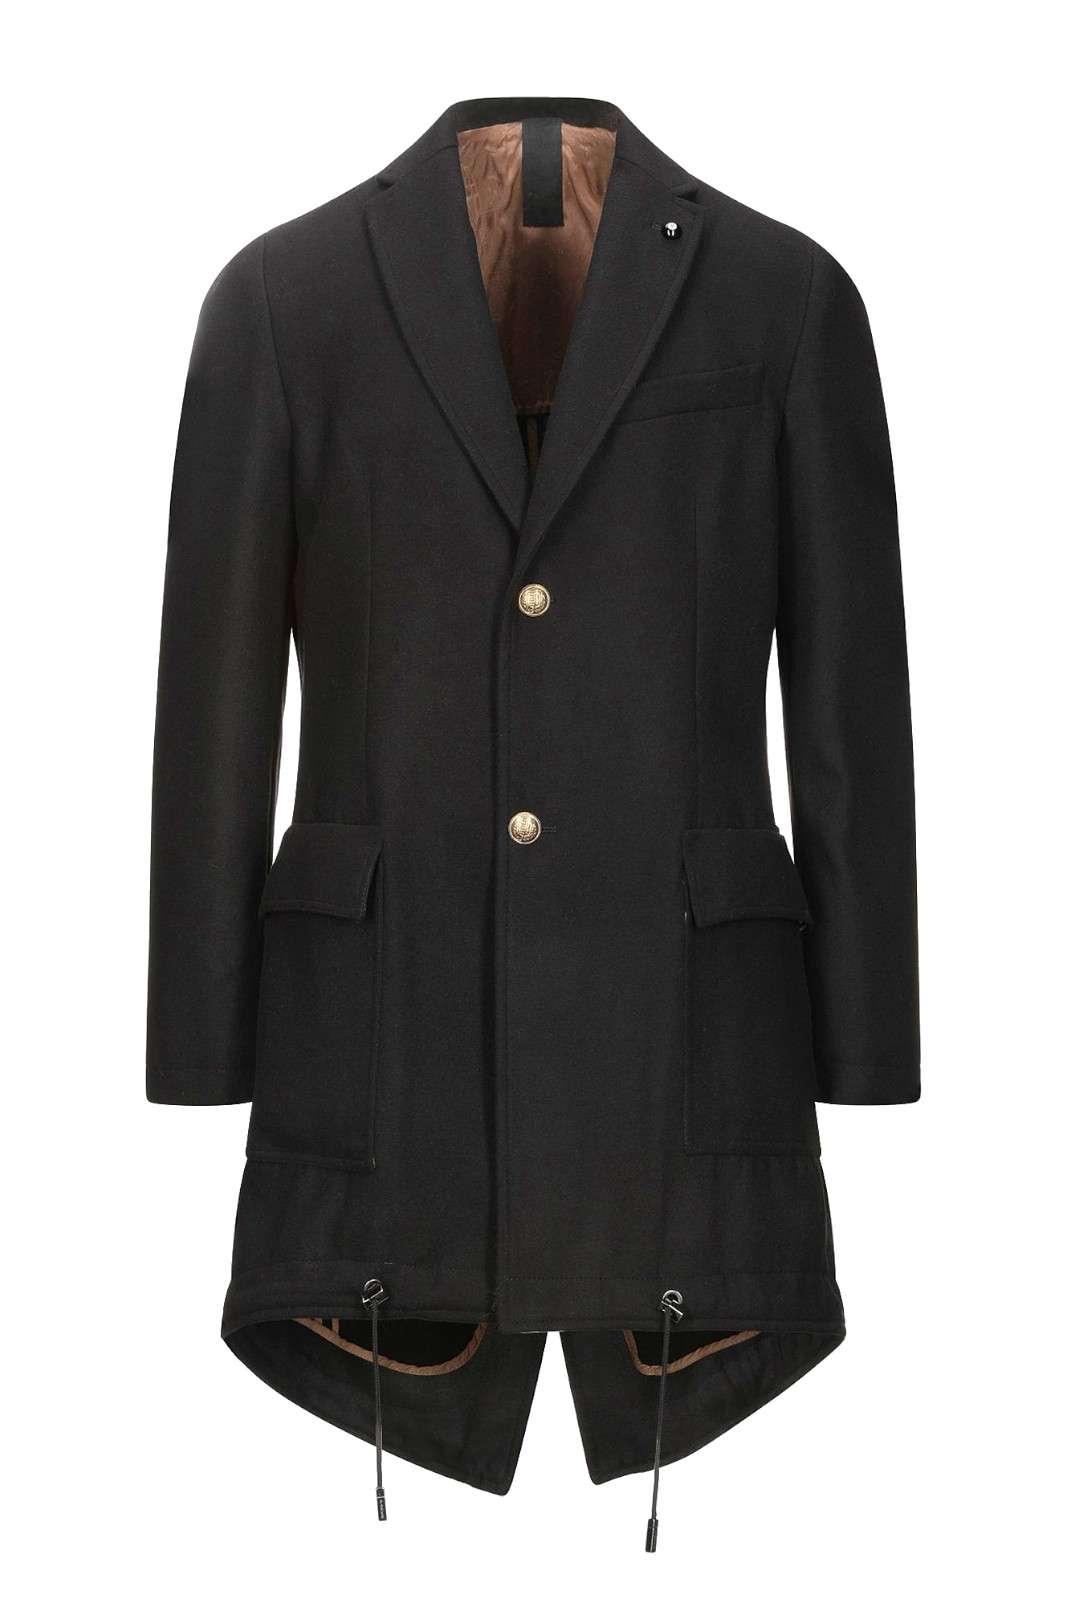 Scopri il nuovo cappotto proposto dalla collezione uomo Park8.  L'esclusivo modello parka è impreziosito dall'iconico tessuto del cappotto per poterlo abbinare ad ogni occasione.  Un essential della fredda stagione reso unico dai bottoni intarziati oro light e dalla vestibilità regolare.